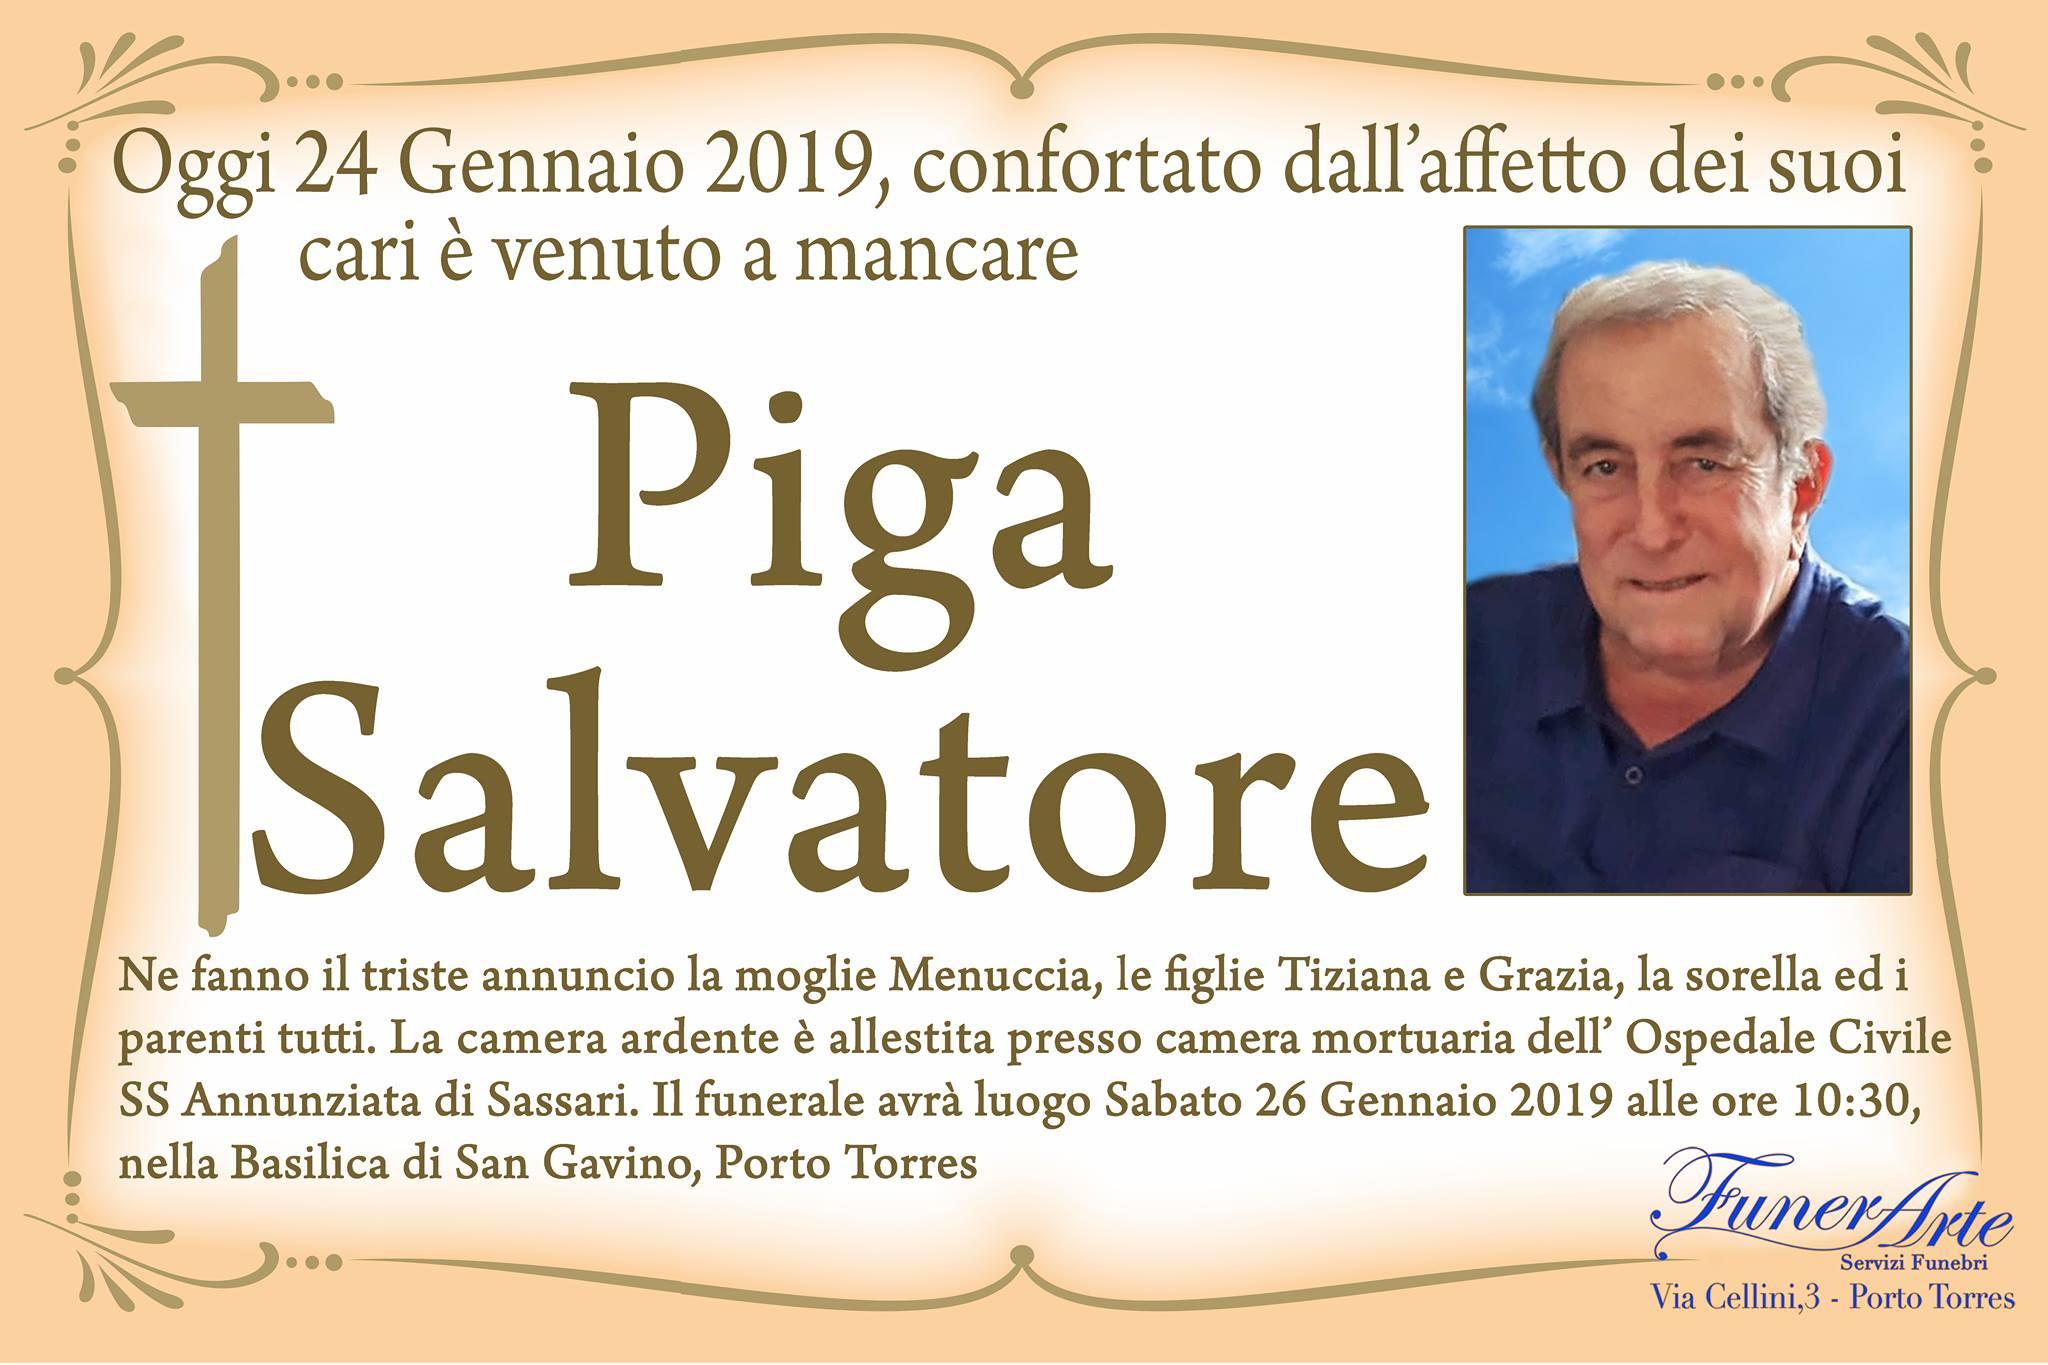 Piga Salvatore Necrologia